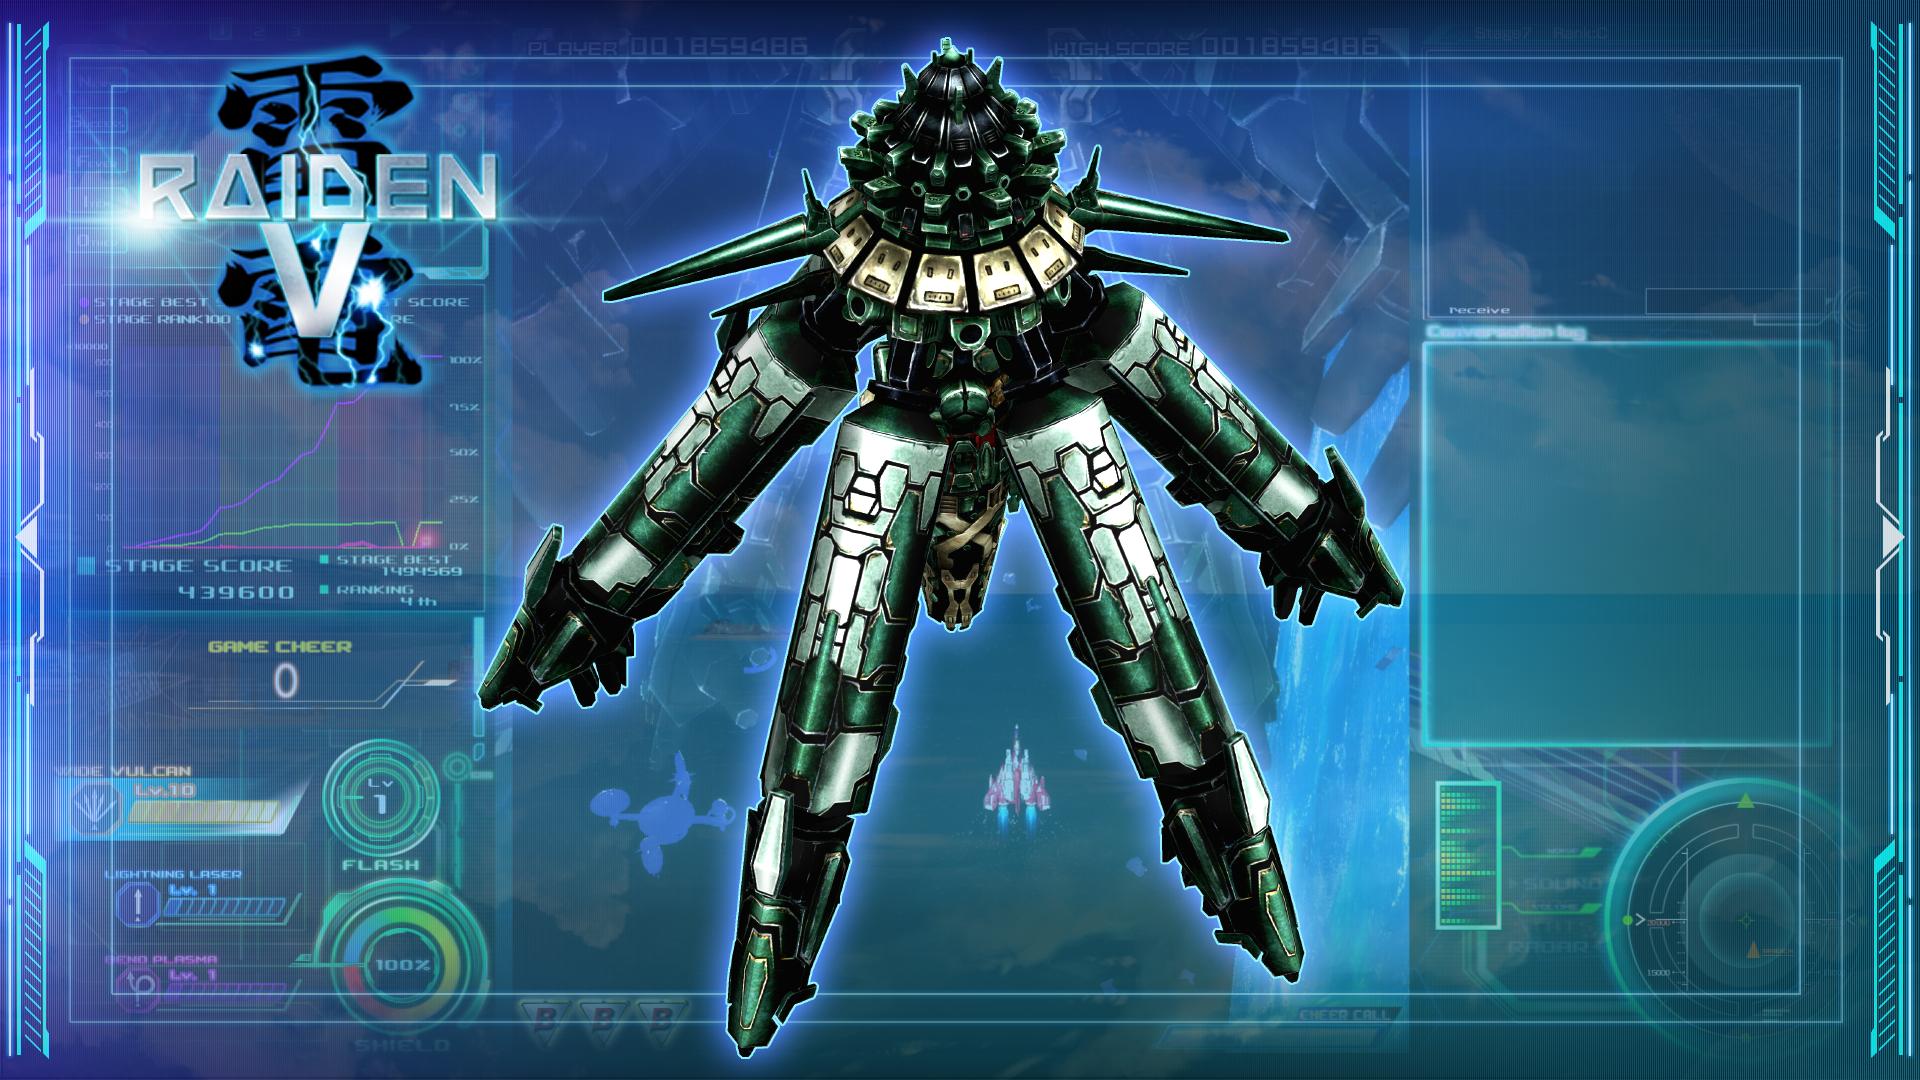 オペレーション7 ステージ7ボス撃破 achievement for Raiden V on Xbox One